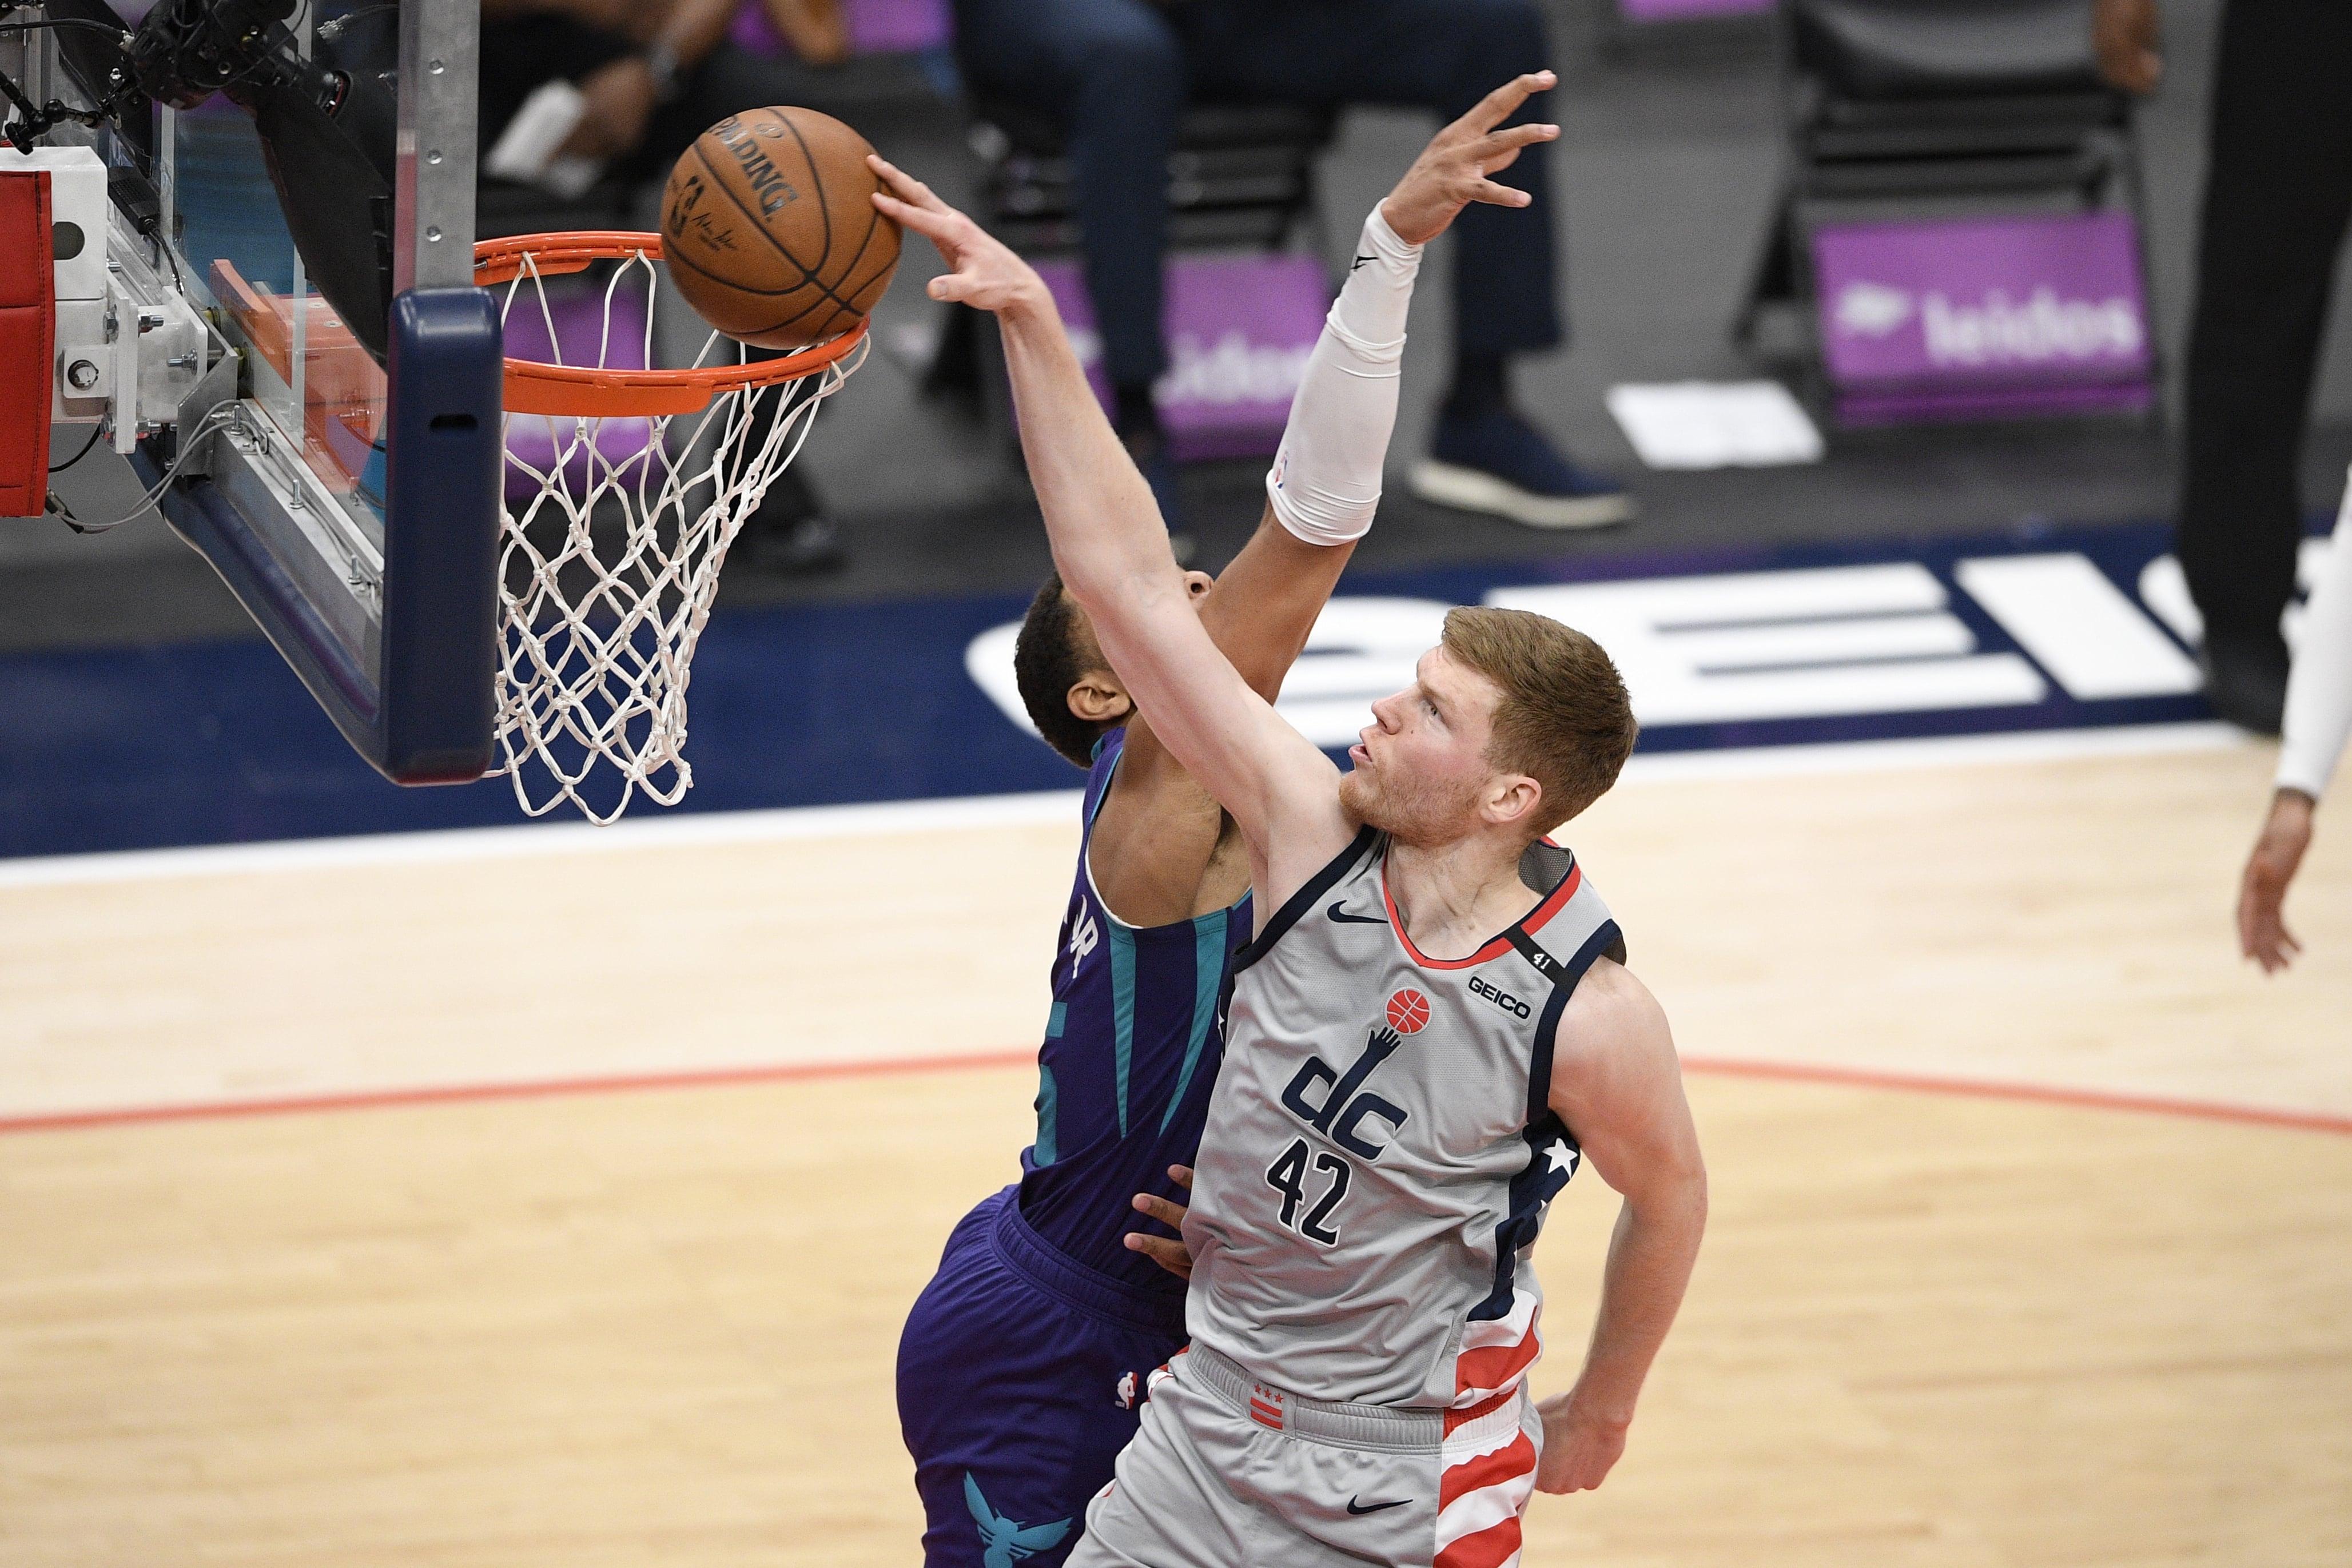 Basketbola izlases nometnē piedalīsies Strēlnieks, Šmits un Dāvis Bertāns, bet ne Porziņģis